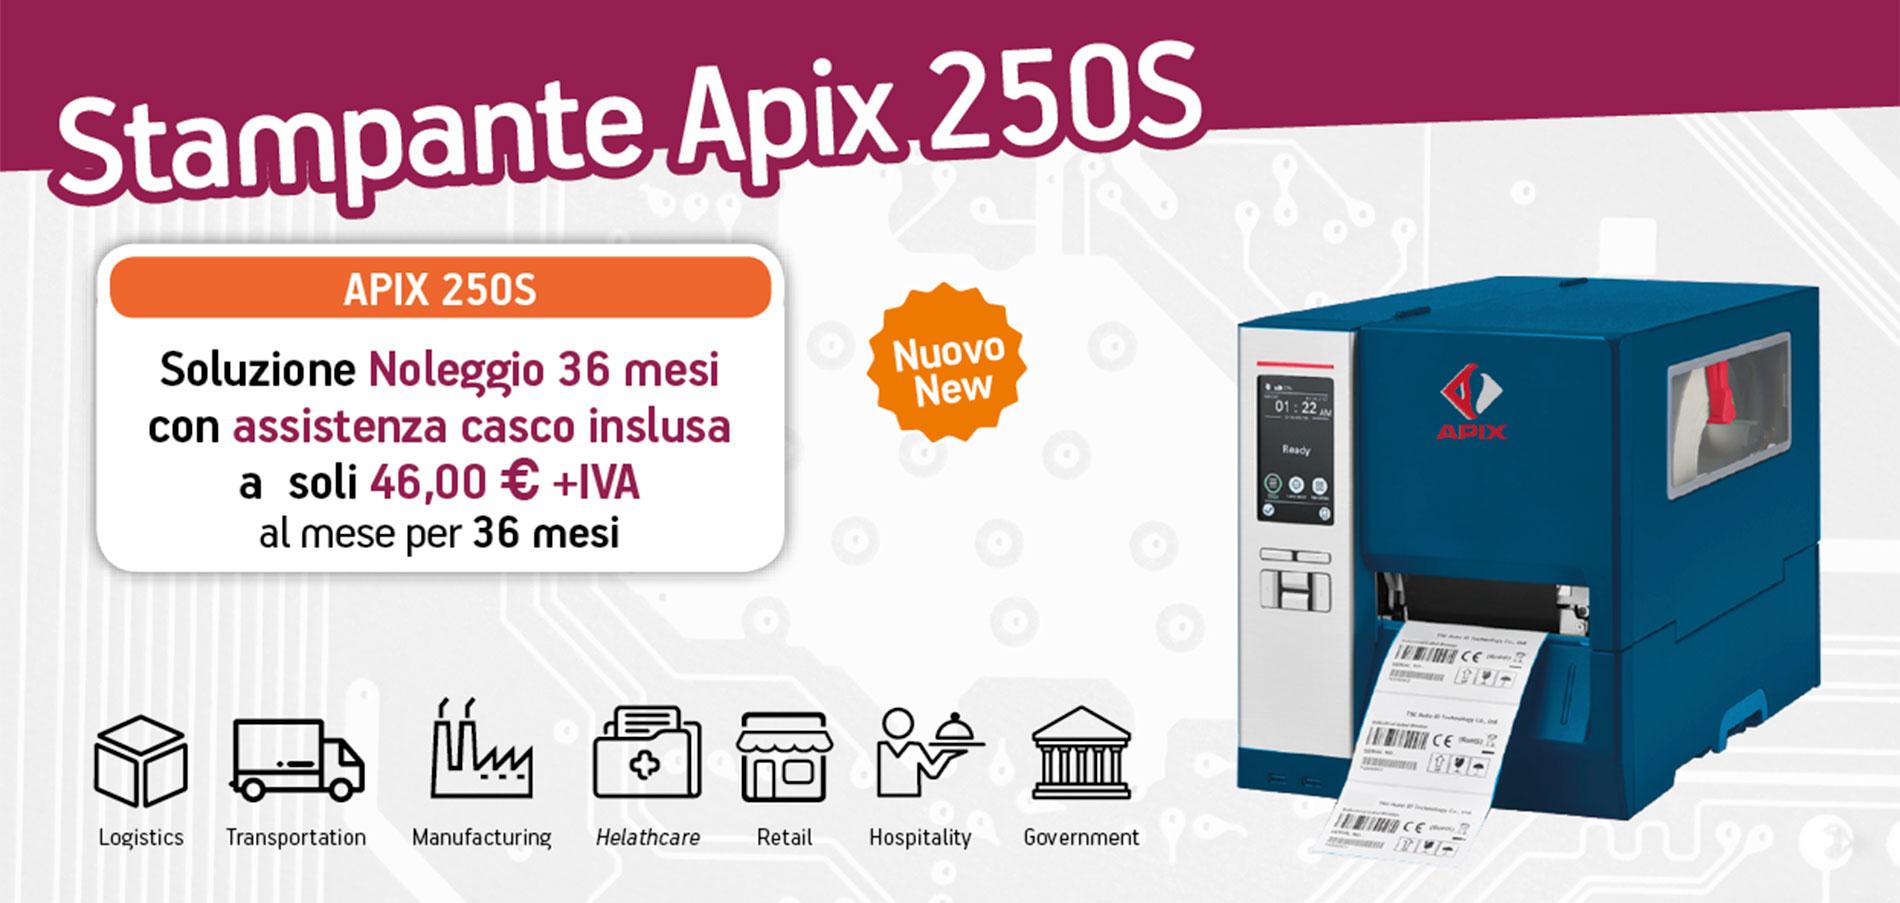 Apix 250S - stampante per-etichette -macfrut-2018